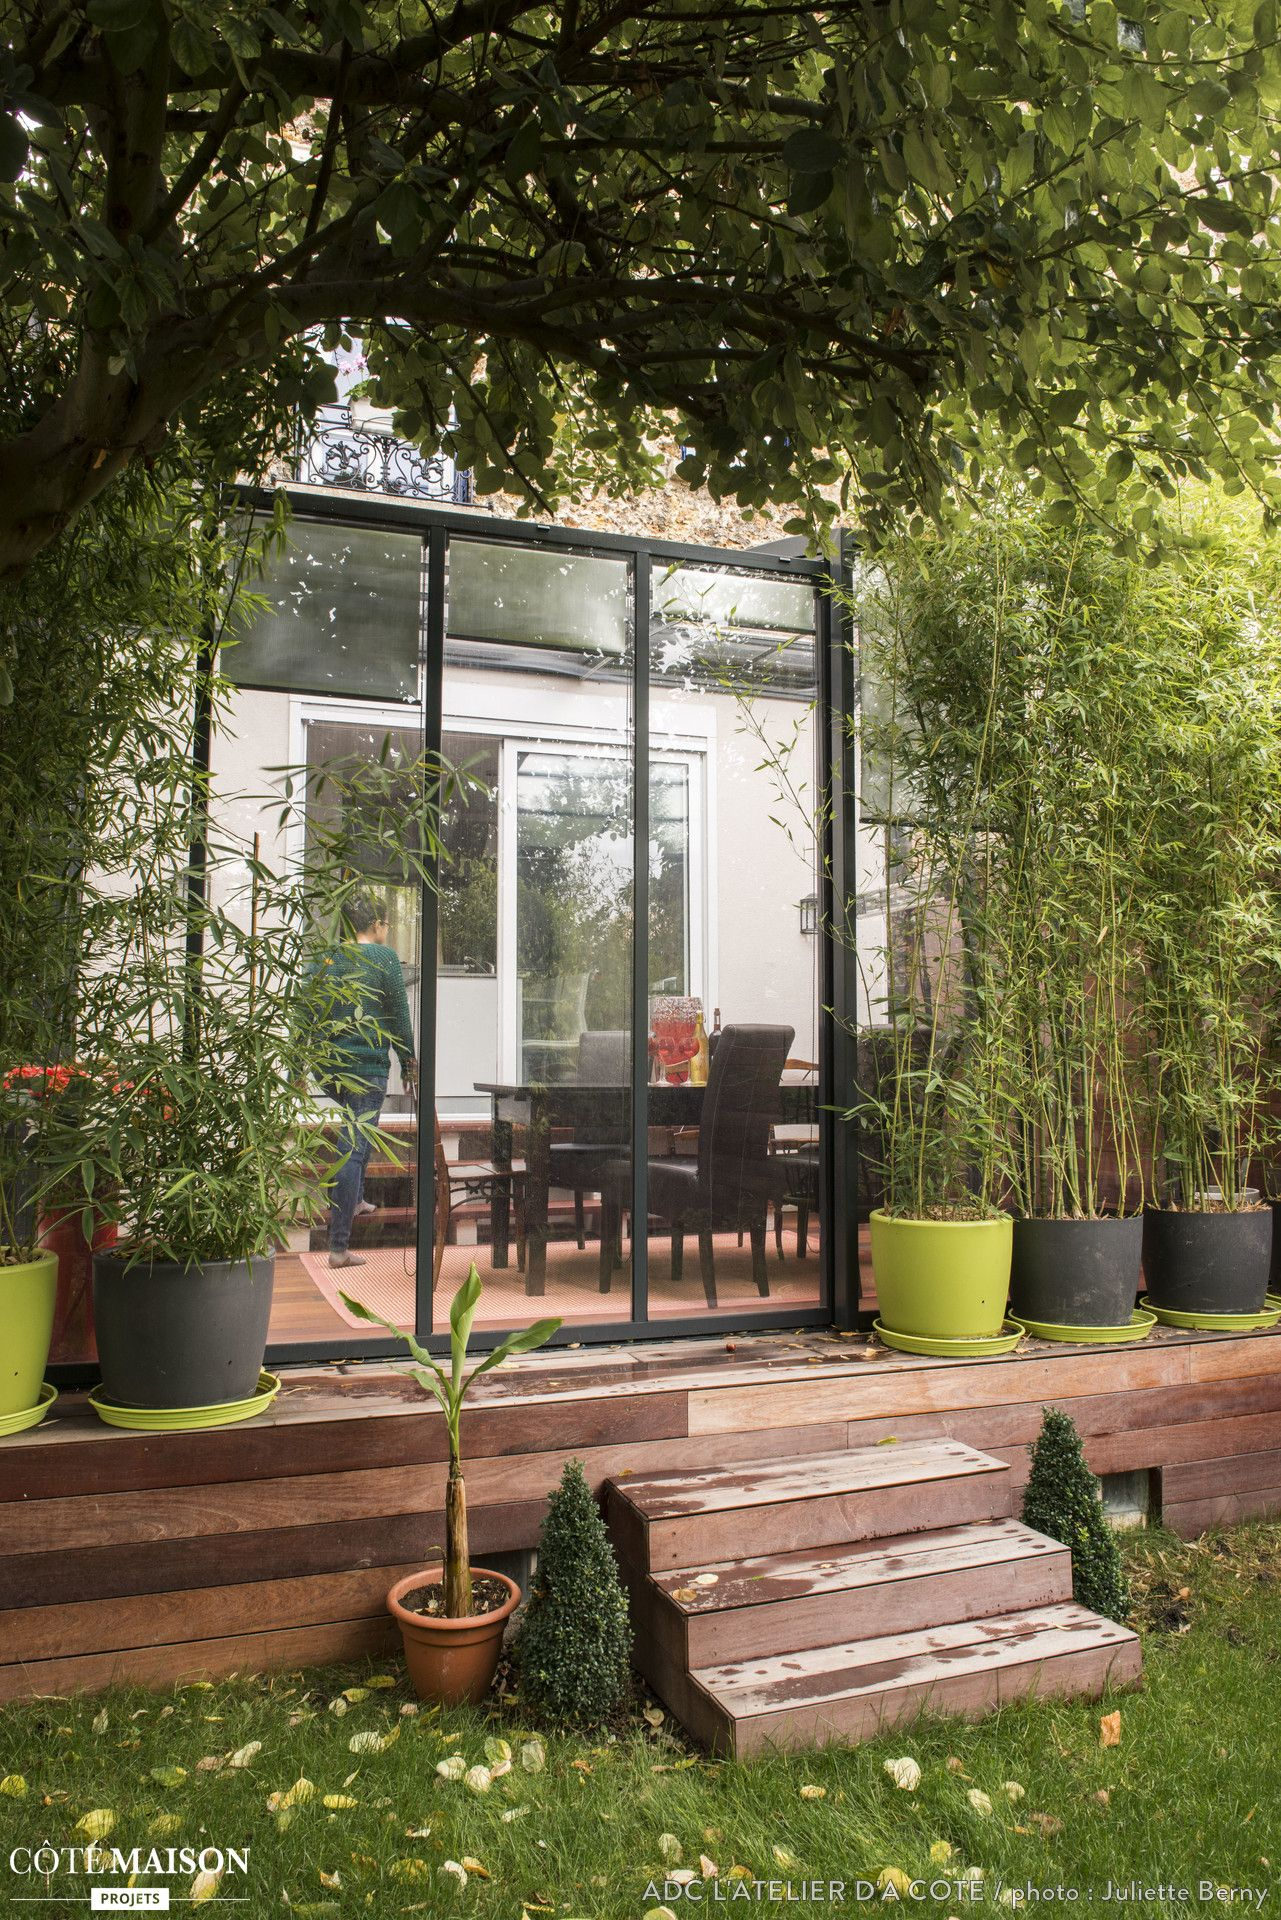 une petite terrasse chic en bois avec des arbustes verdoyants terrasses balcons styl s. Black Bedroom Furniture Sets. Home Design Ideas